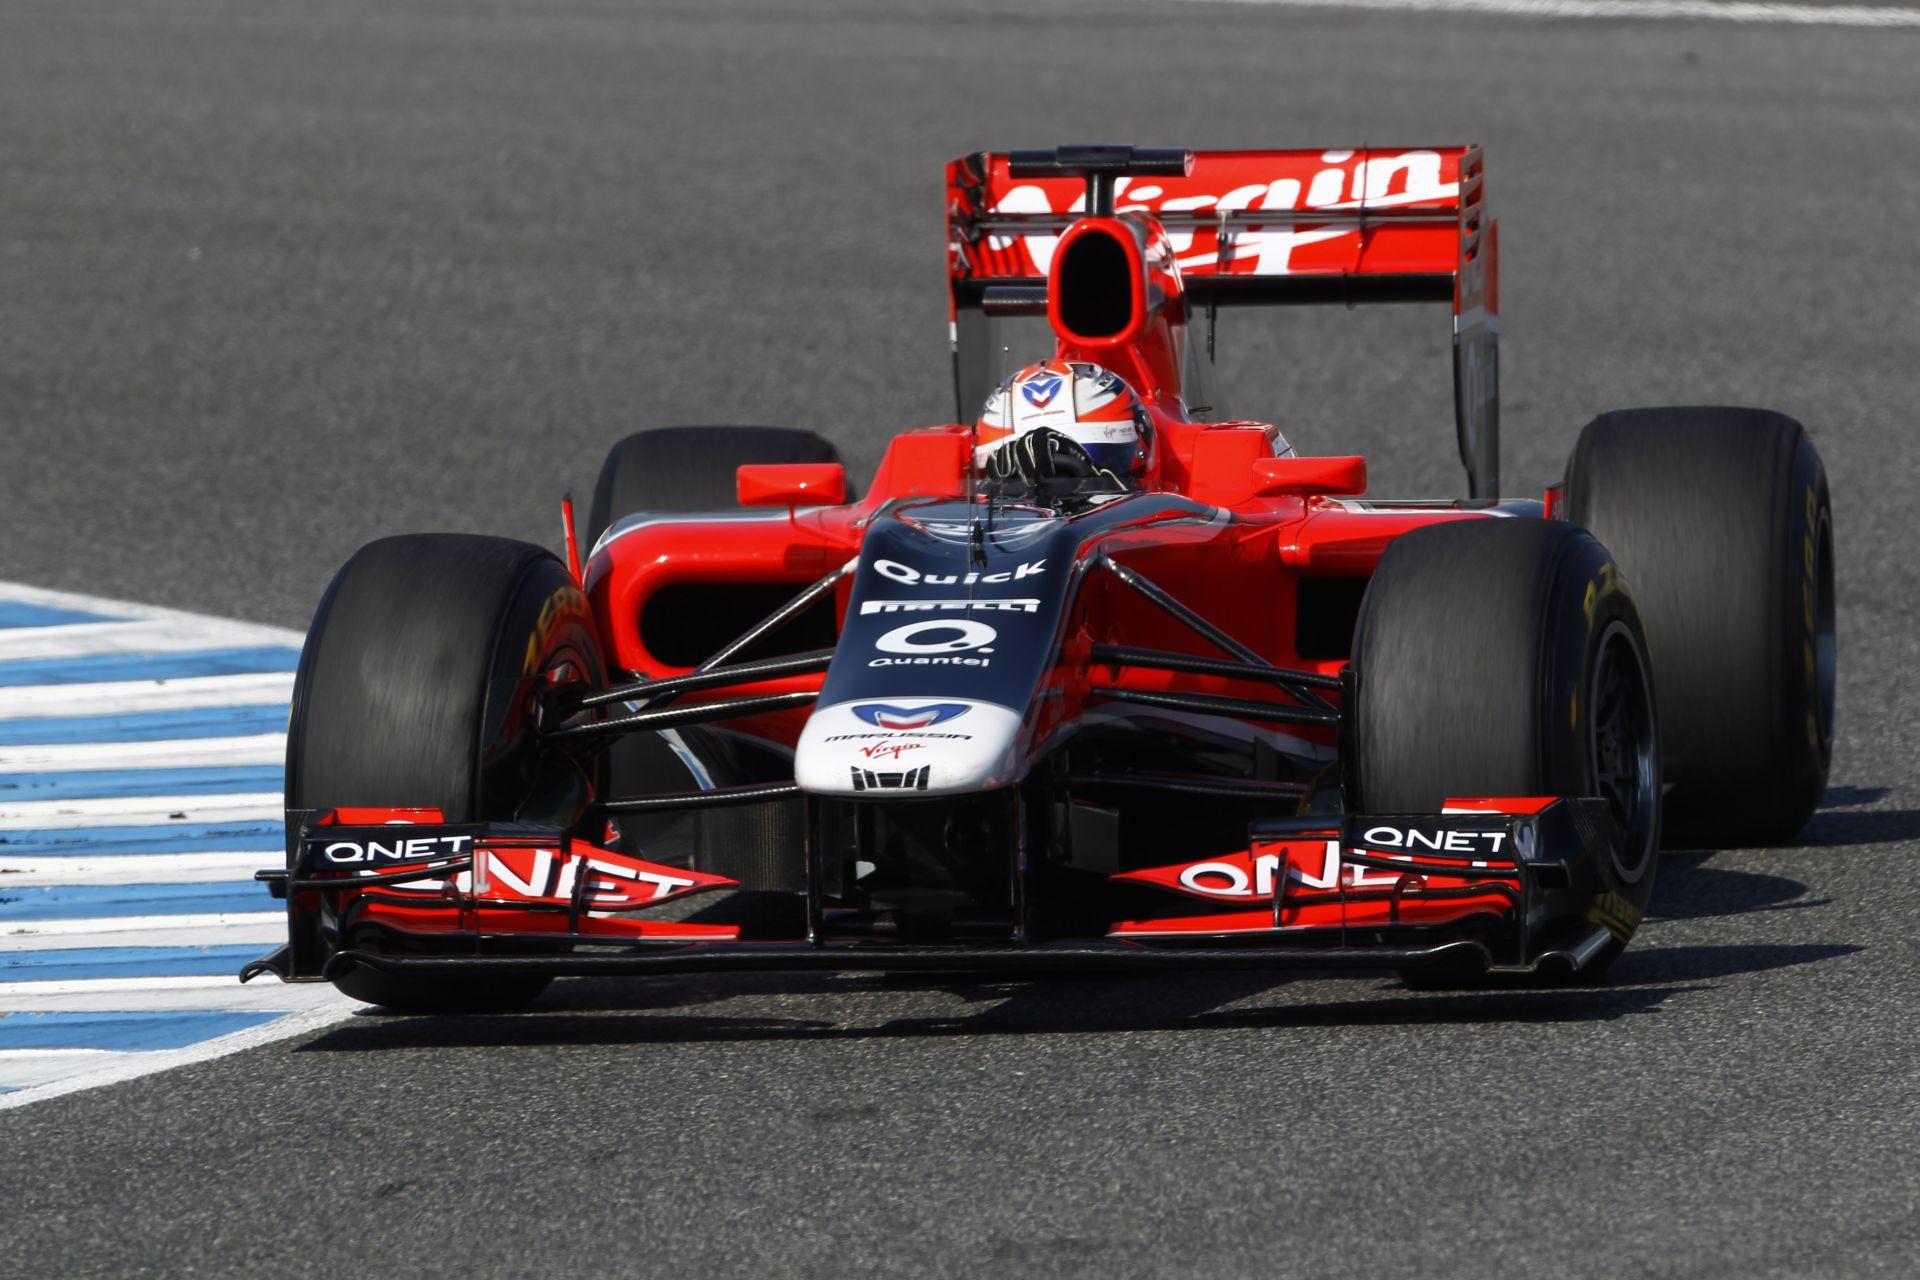 Alakul az új F1-es csapat: Hivatalos web-és Twitter oldal a Manornál